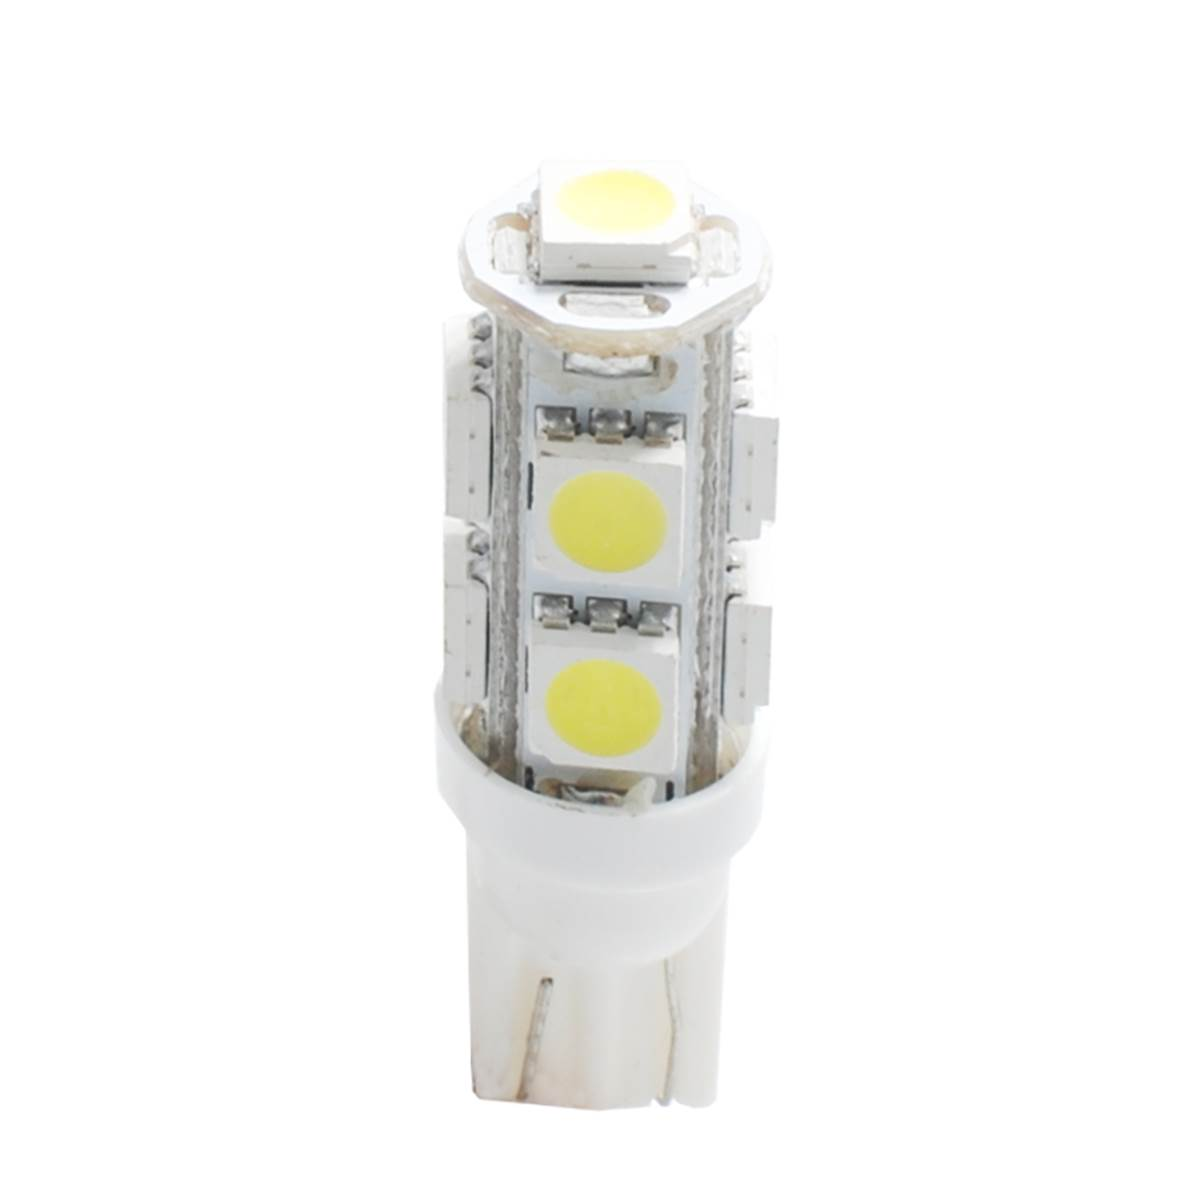 2 ampoules T10 avec 9 LED blanche